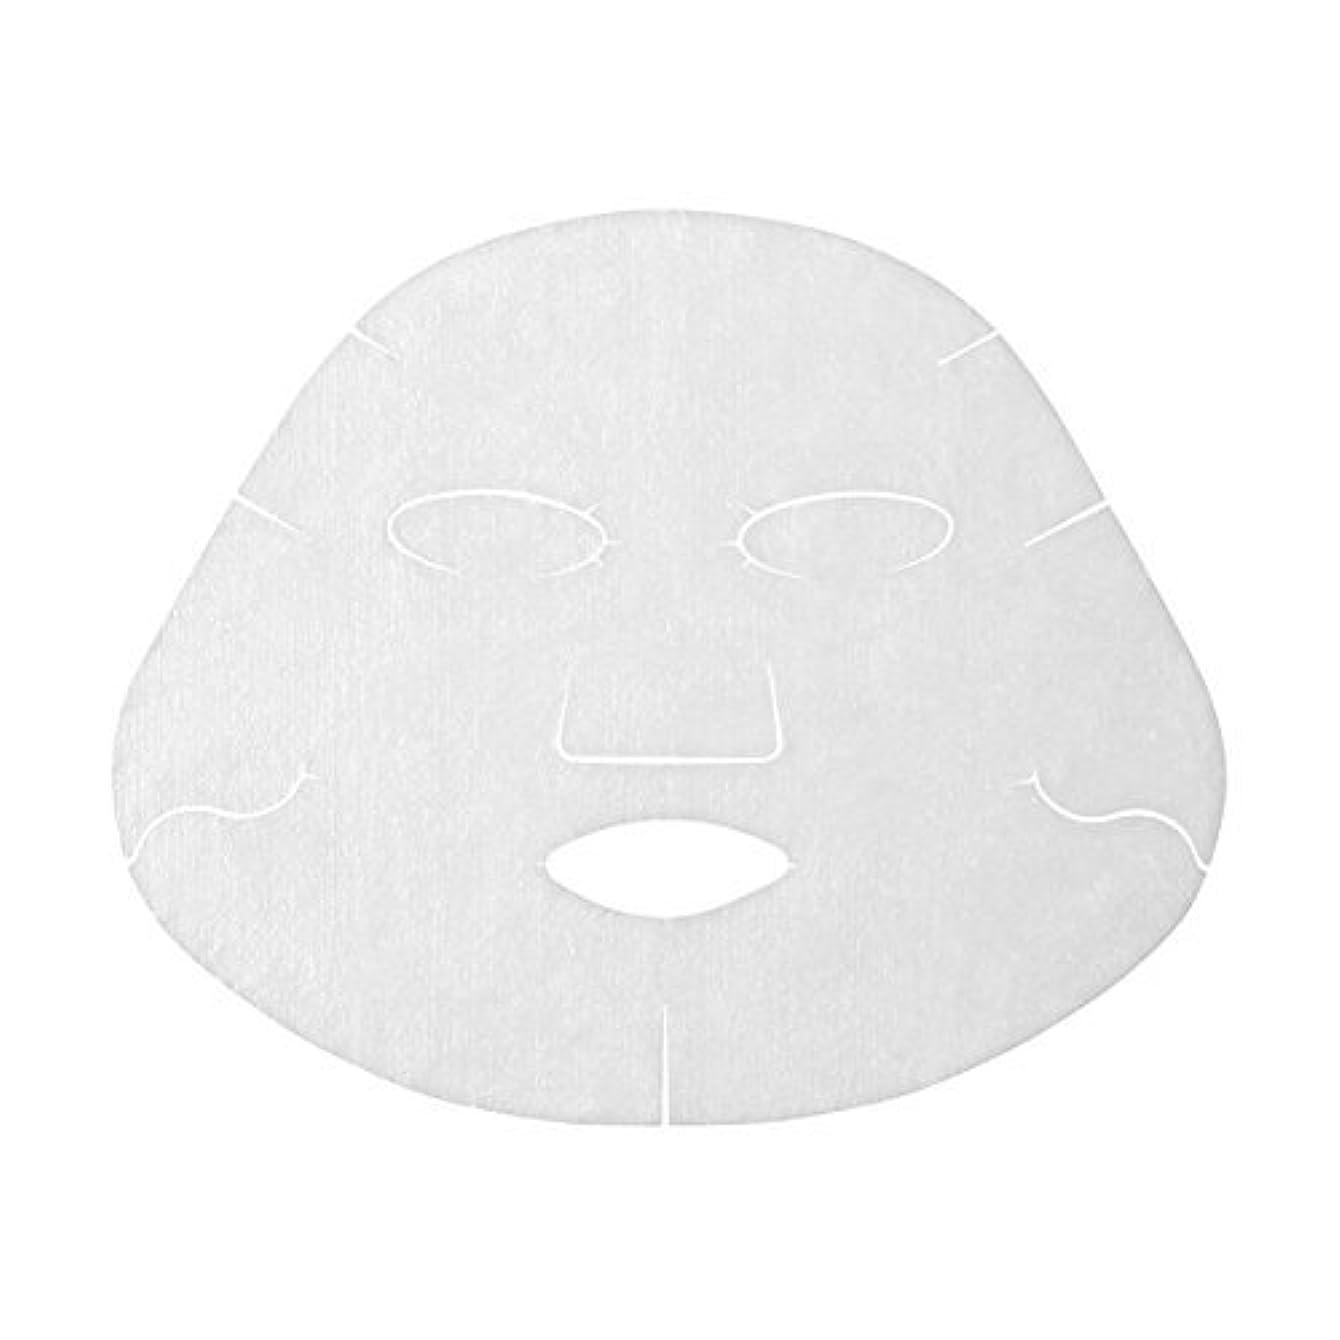 魅力レパートリー速いアクアレーベル リセットホワイトマスク <1枚入り> 18mL×1枚×3個